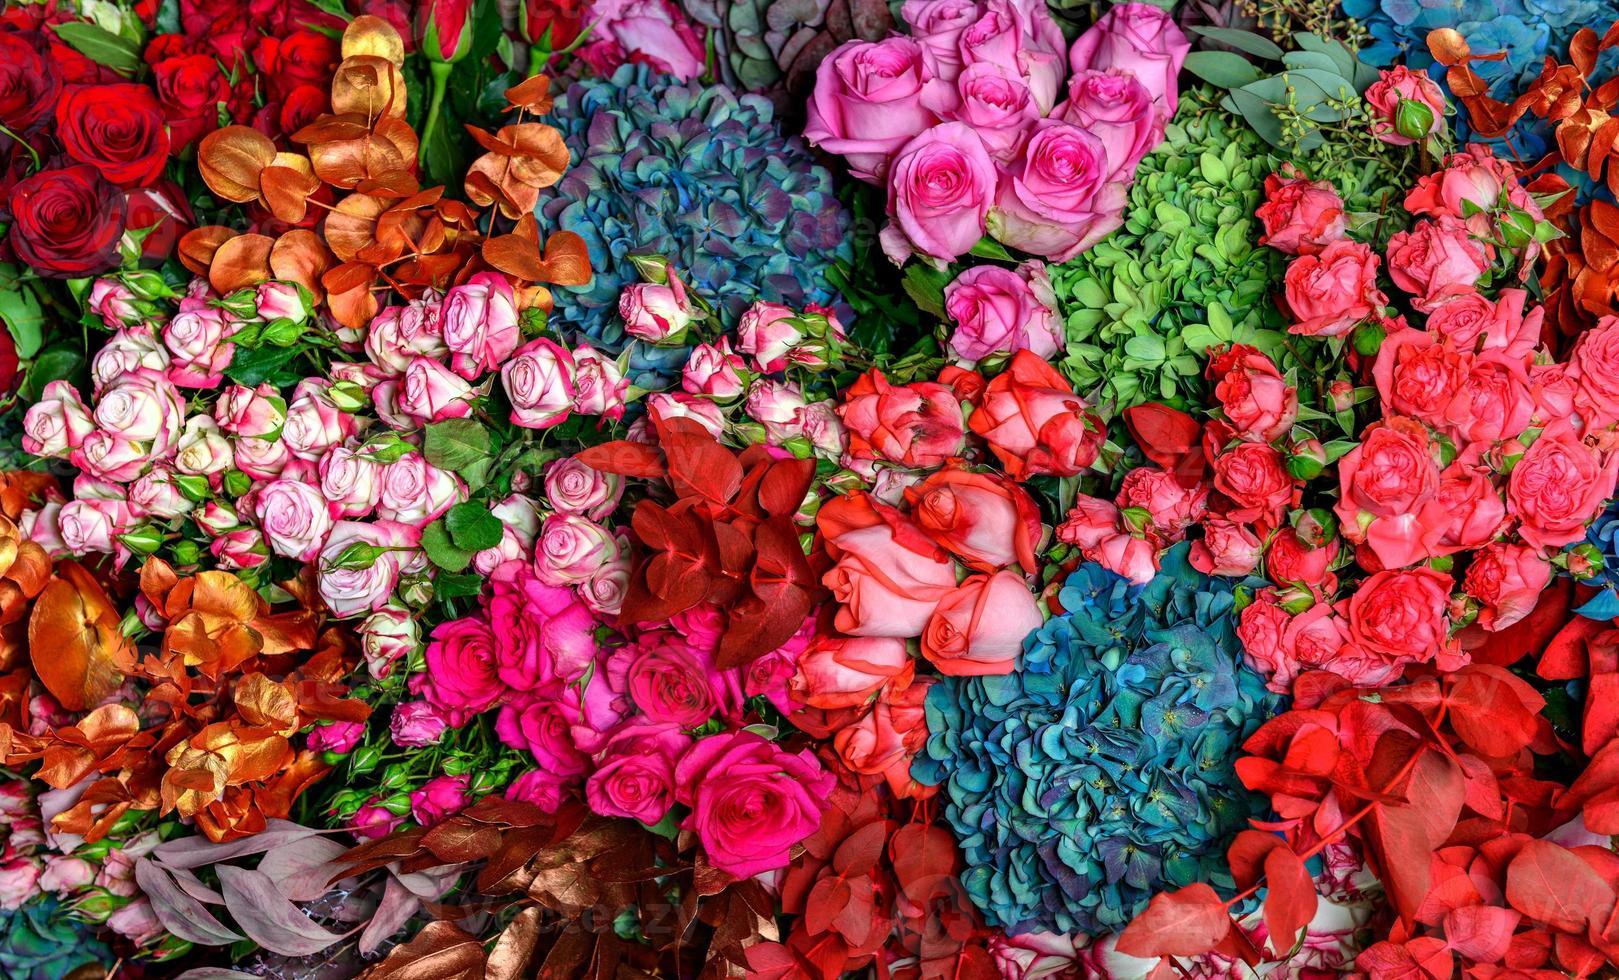 veelkleurige rozen foto